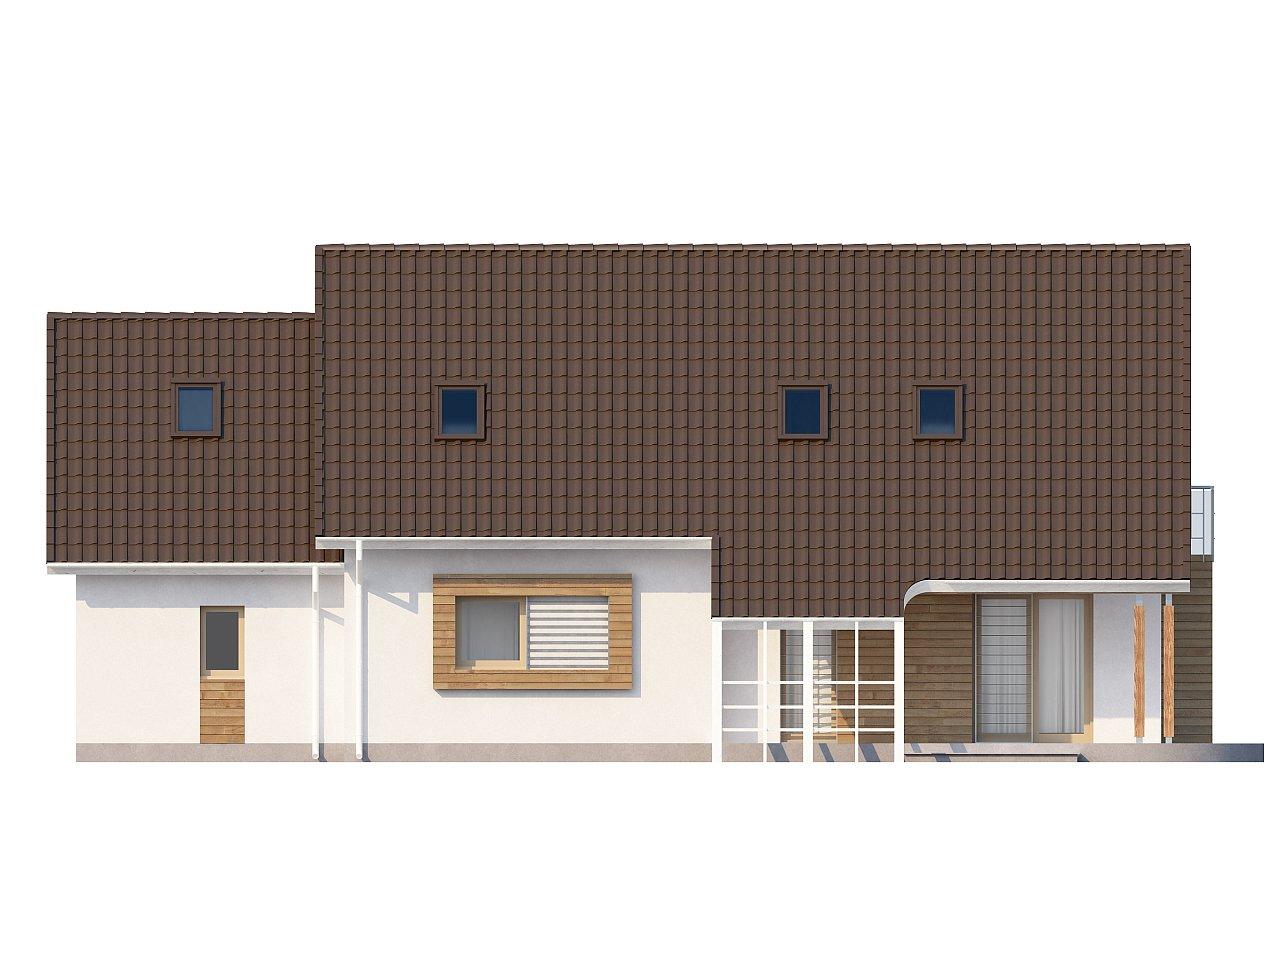 Проект просторного функционального дома с мансардой, гаражом для одной машины и дополнительной спальней на первом этаже. 4